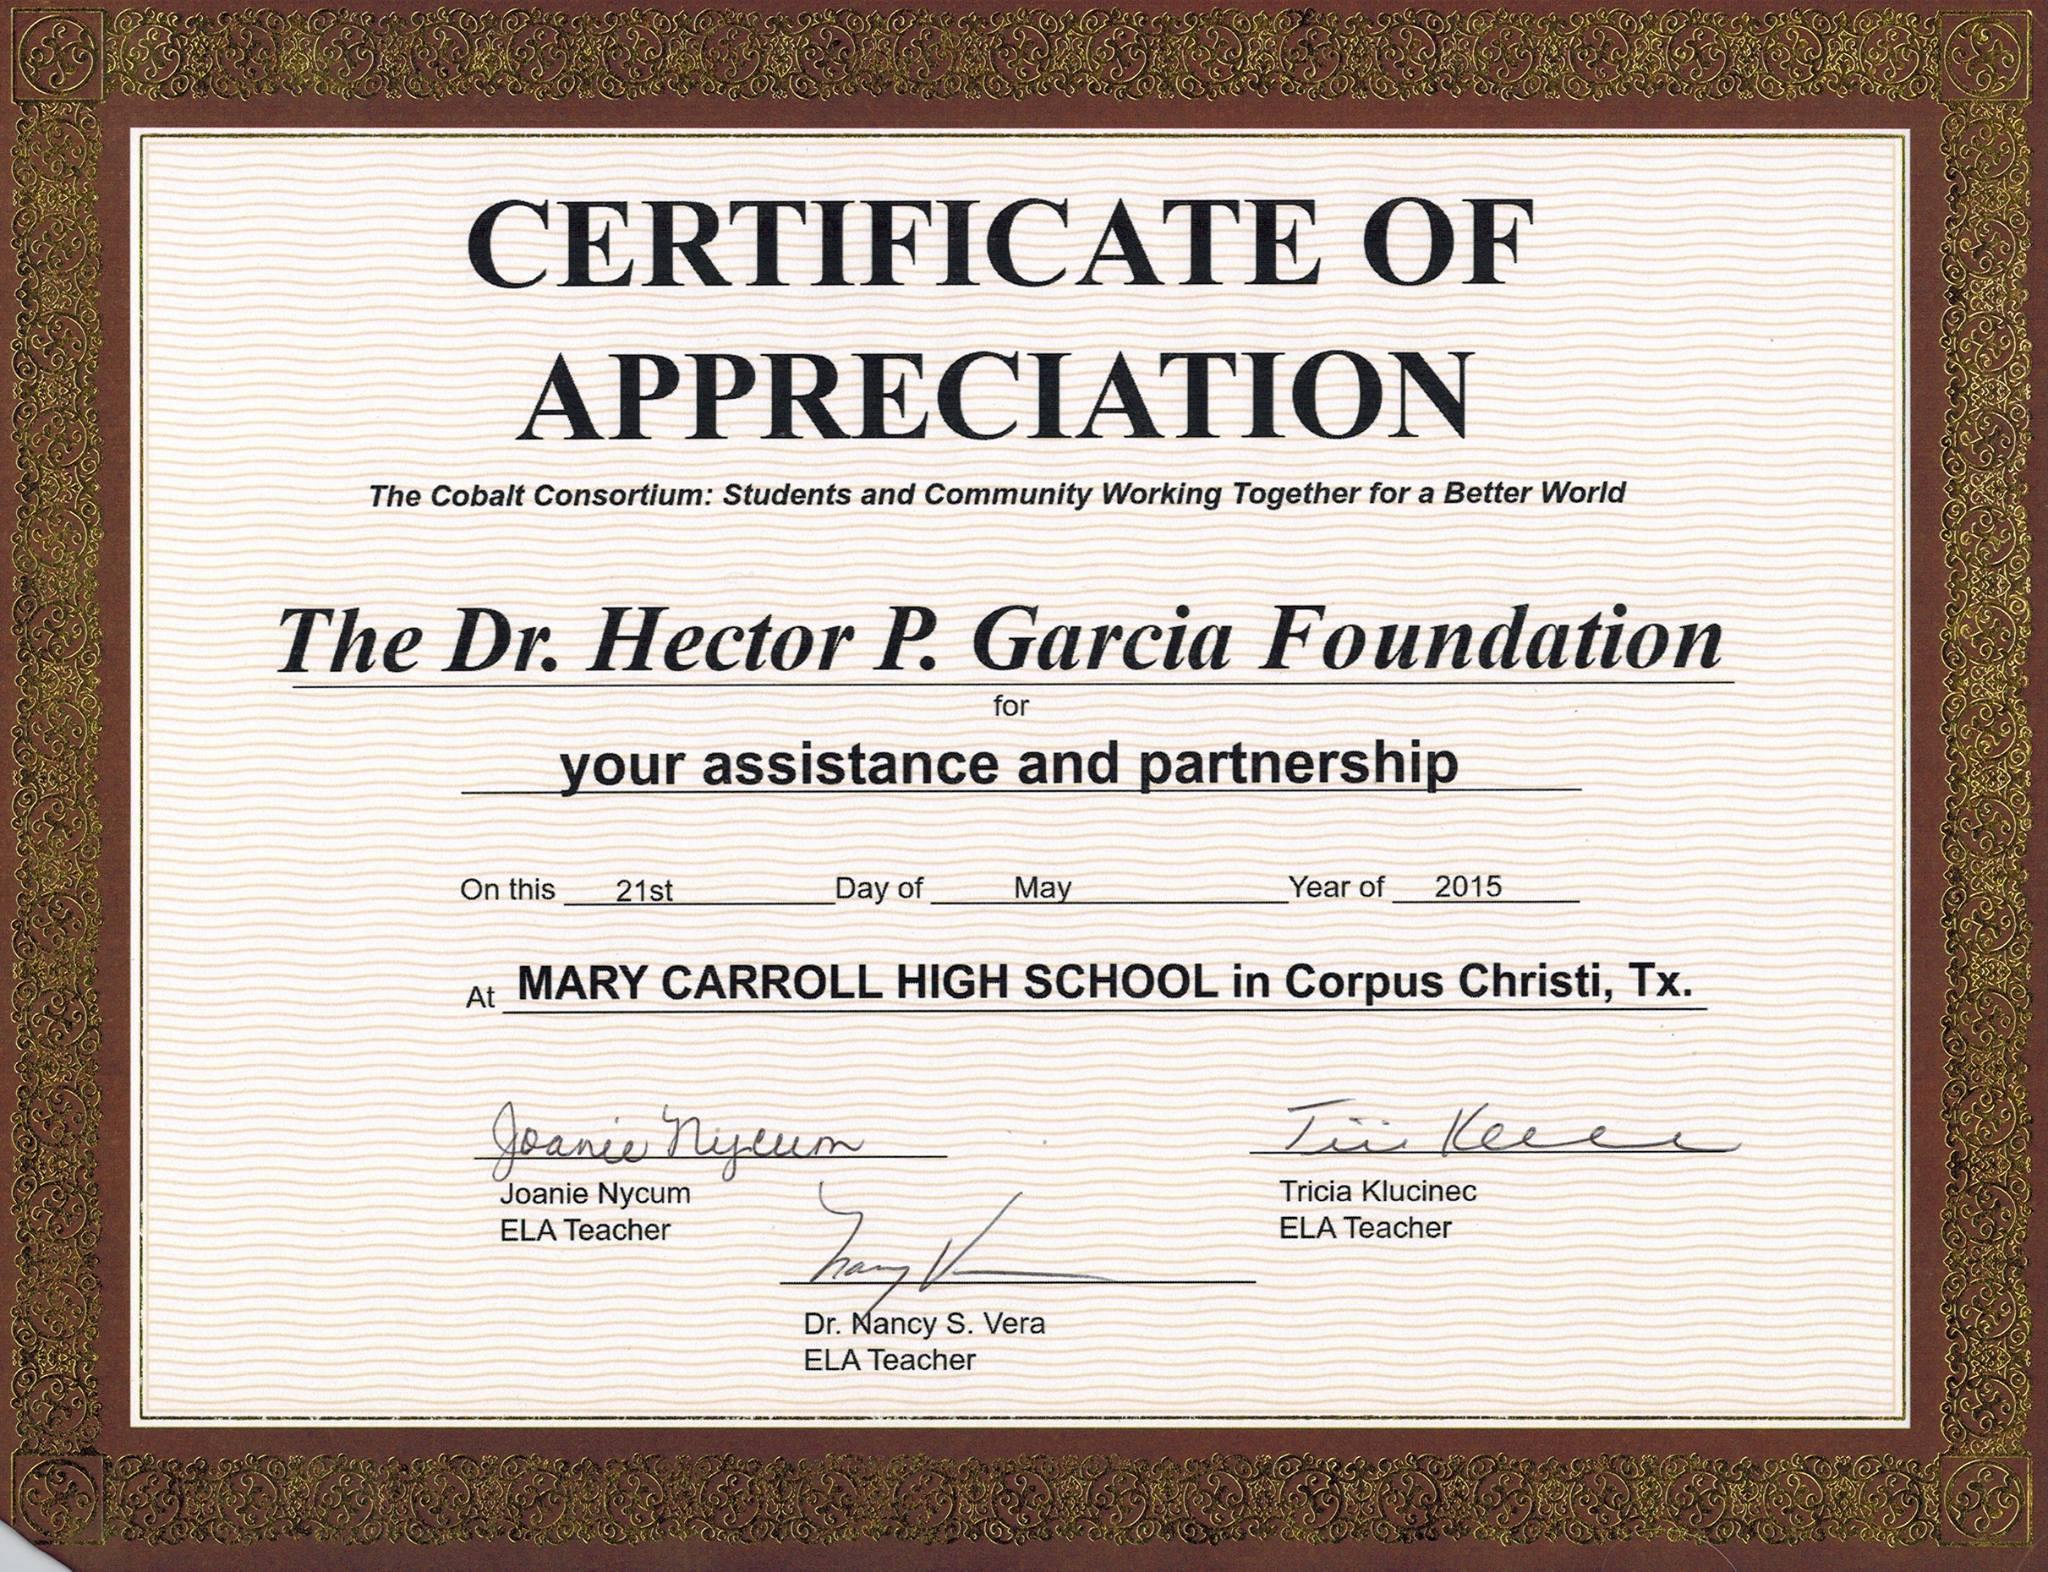 Carroll_HS_Certificate.jpg